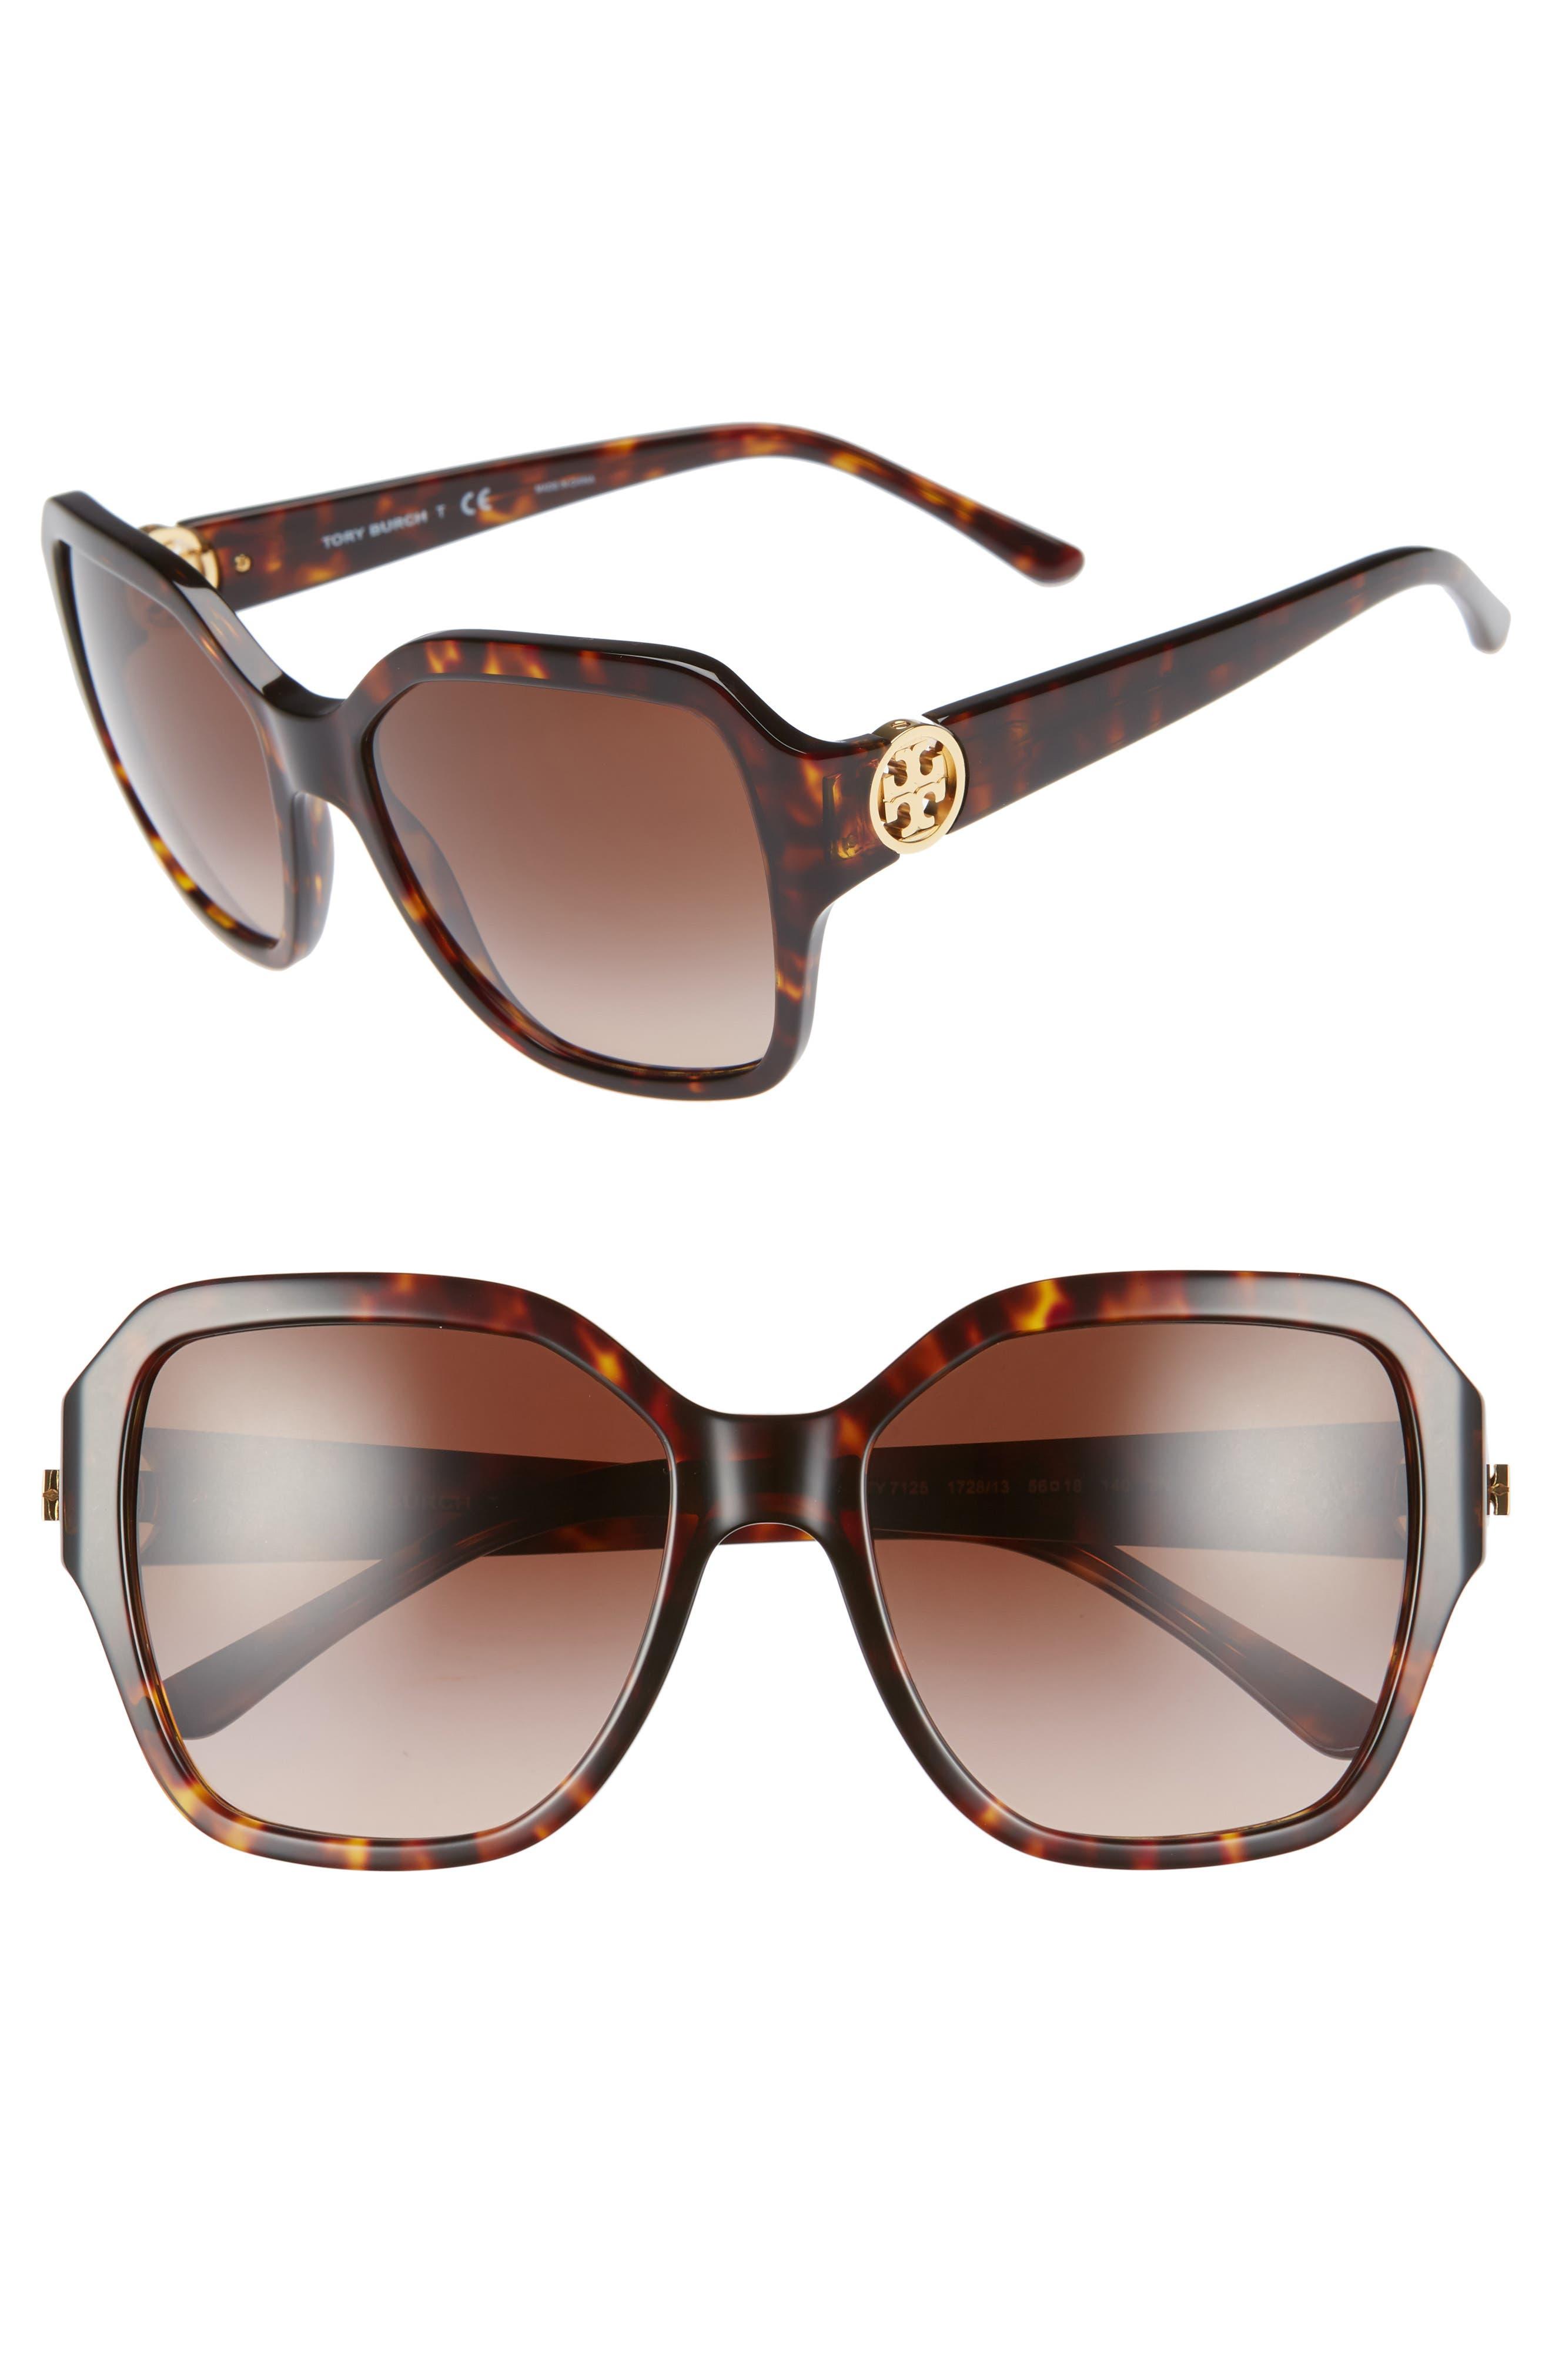 Reva 56mm Square Sunglasses,                             Main thumbnail 1, color,                             212